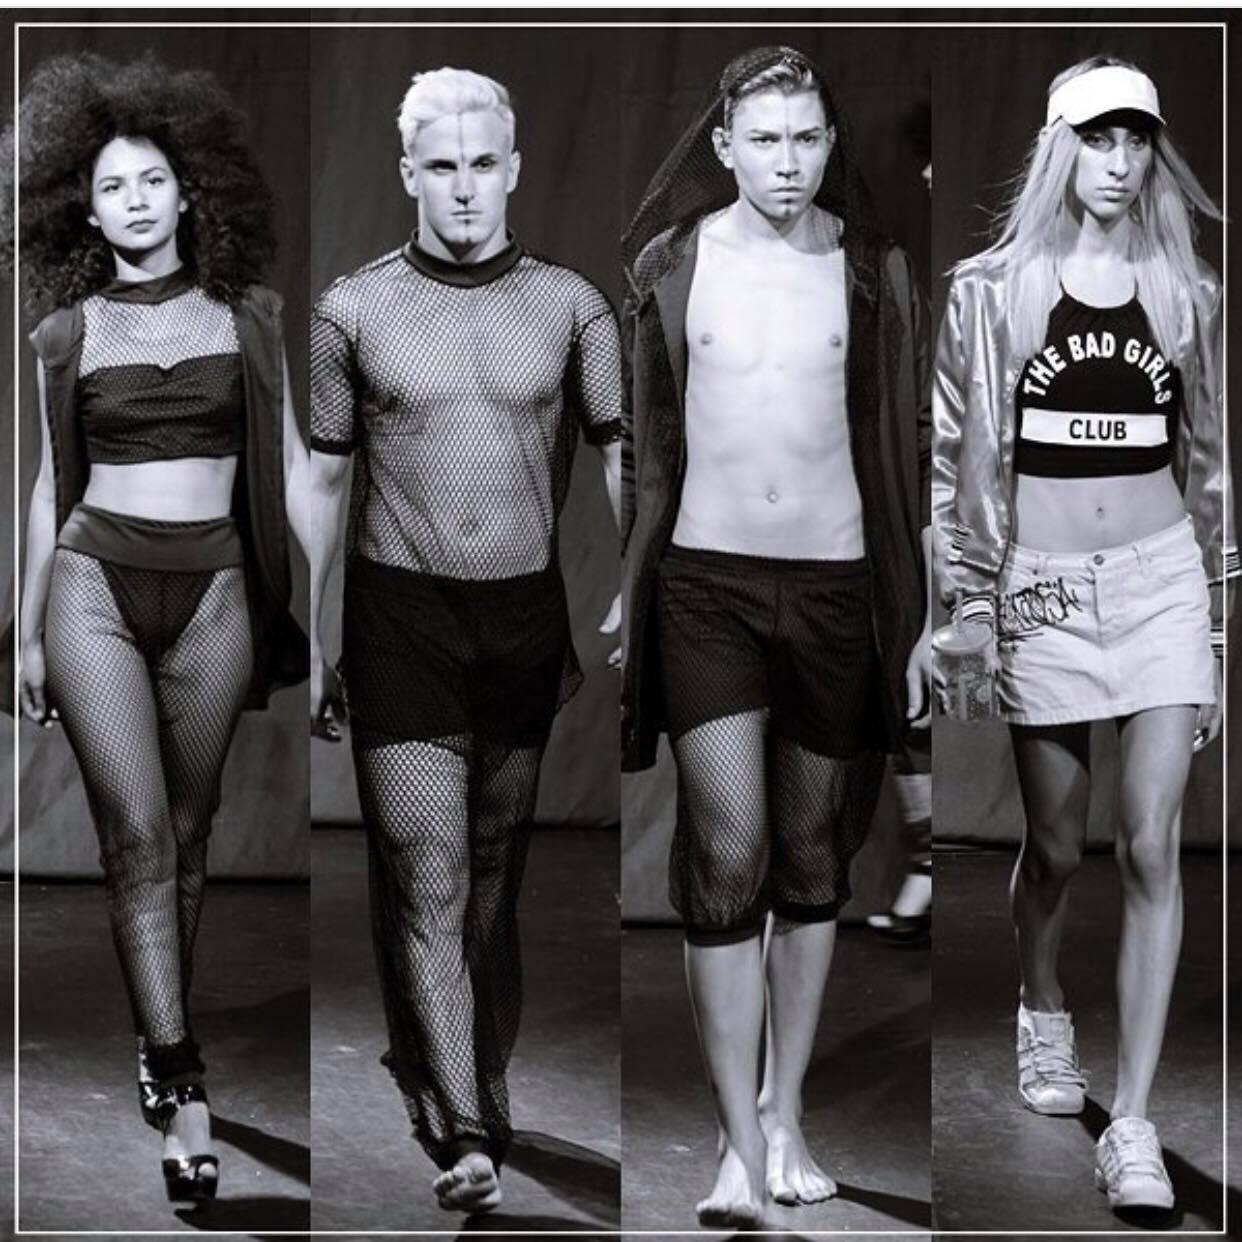 Seleção de Modelos / Periferia Inventando Moda: A Seleção